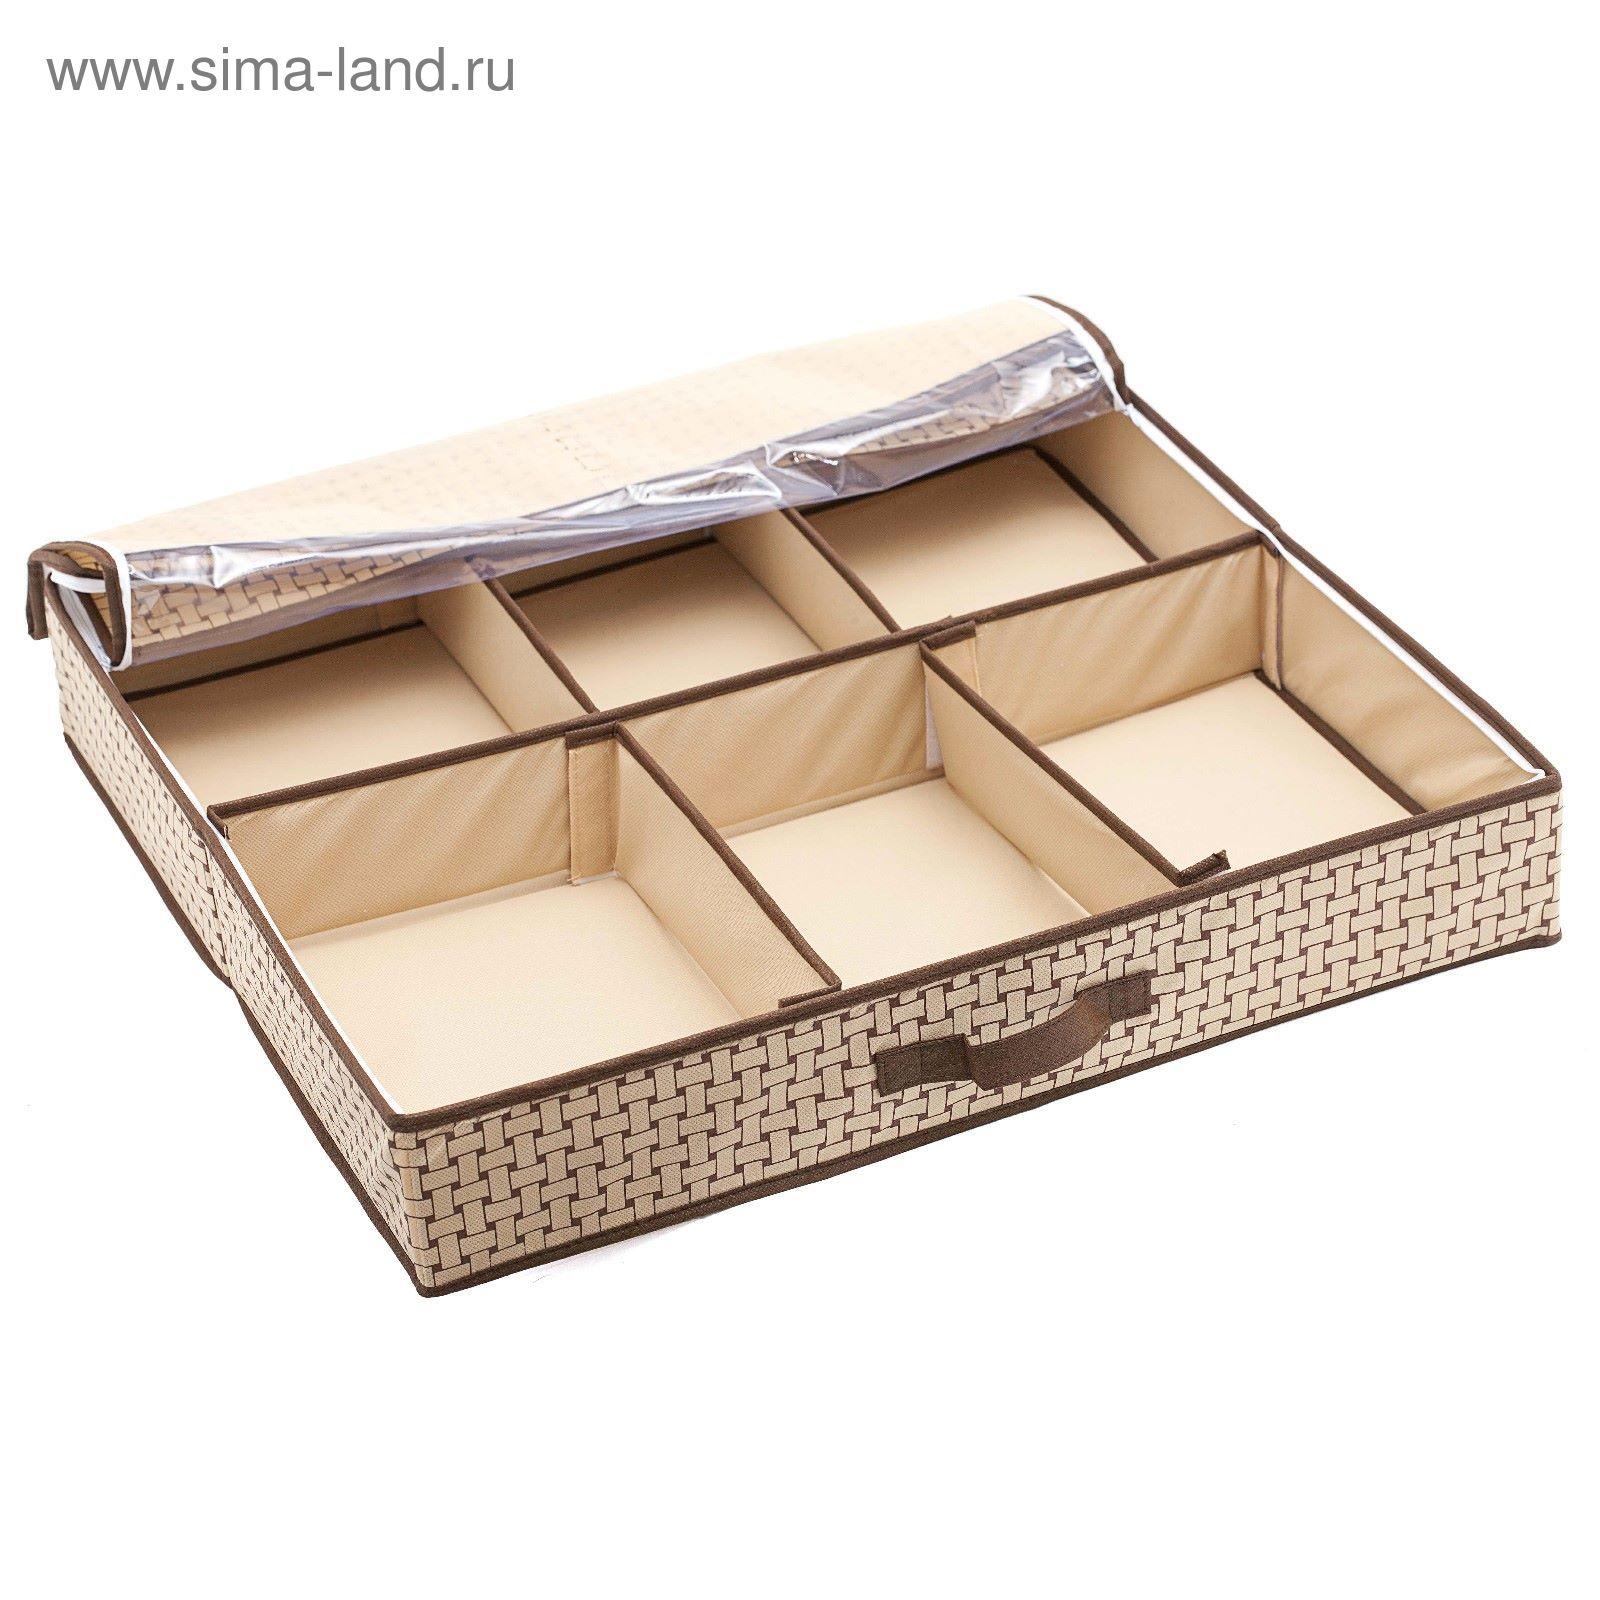 Органайзер для обуви Pletenka Smart Shoes 66х63х11 (2156267 ... 9badaae9b0cea